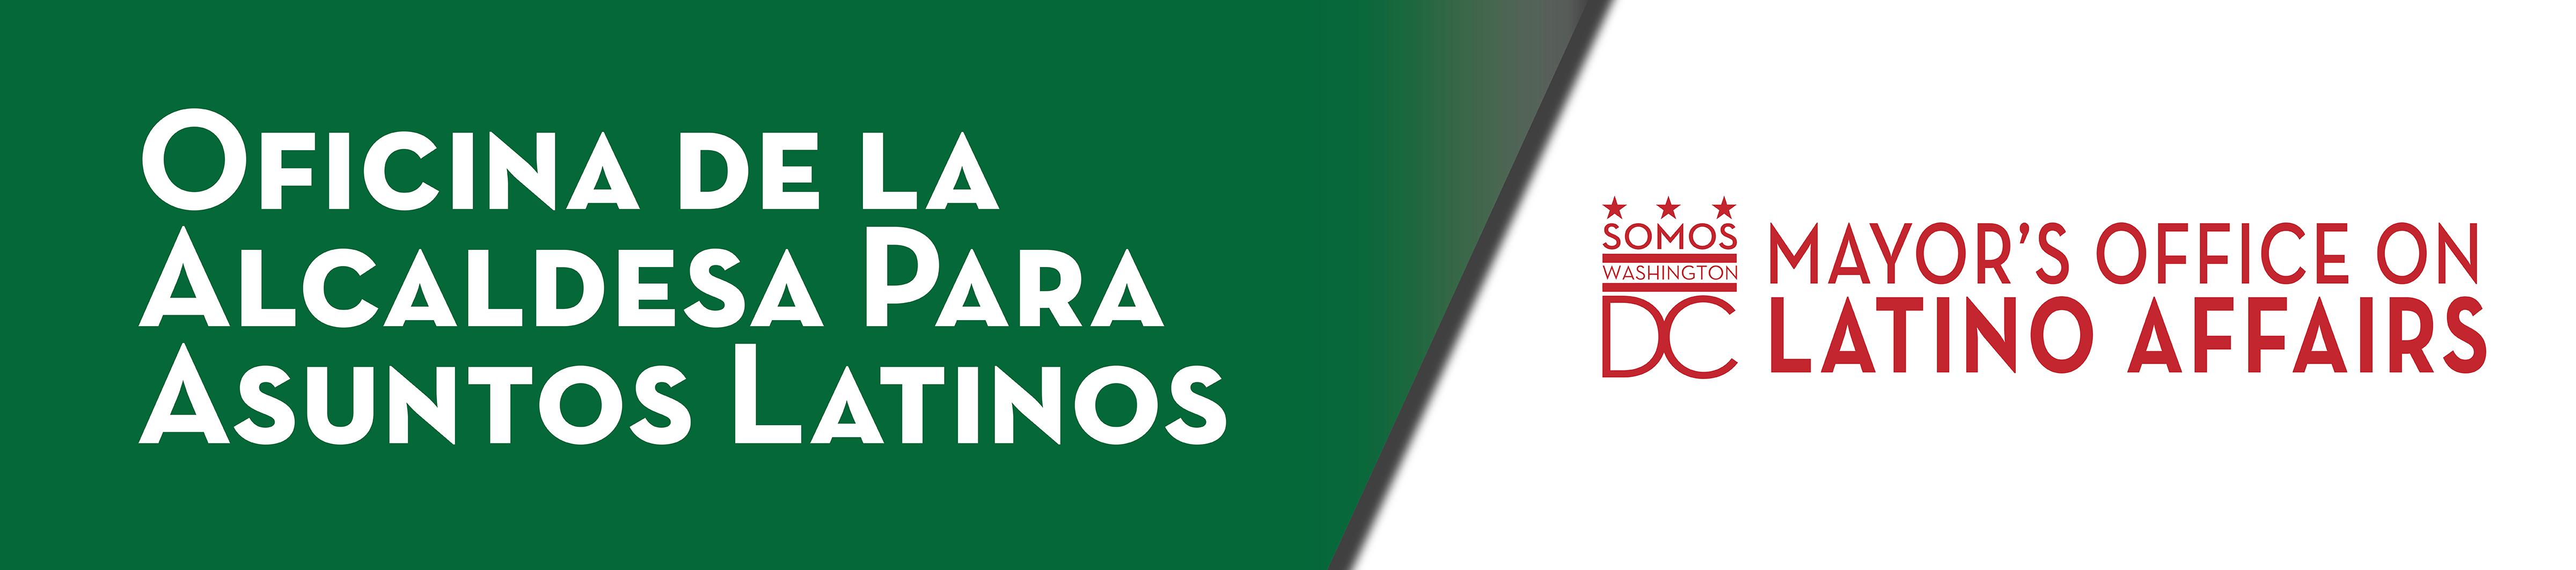 Oficina de Asuntos Latinos de la Alcaldía